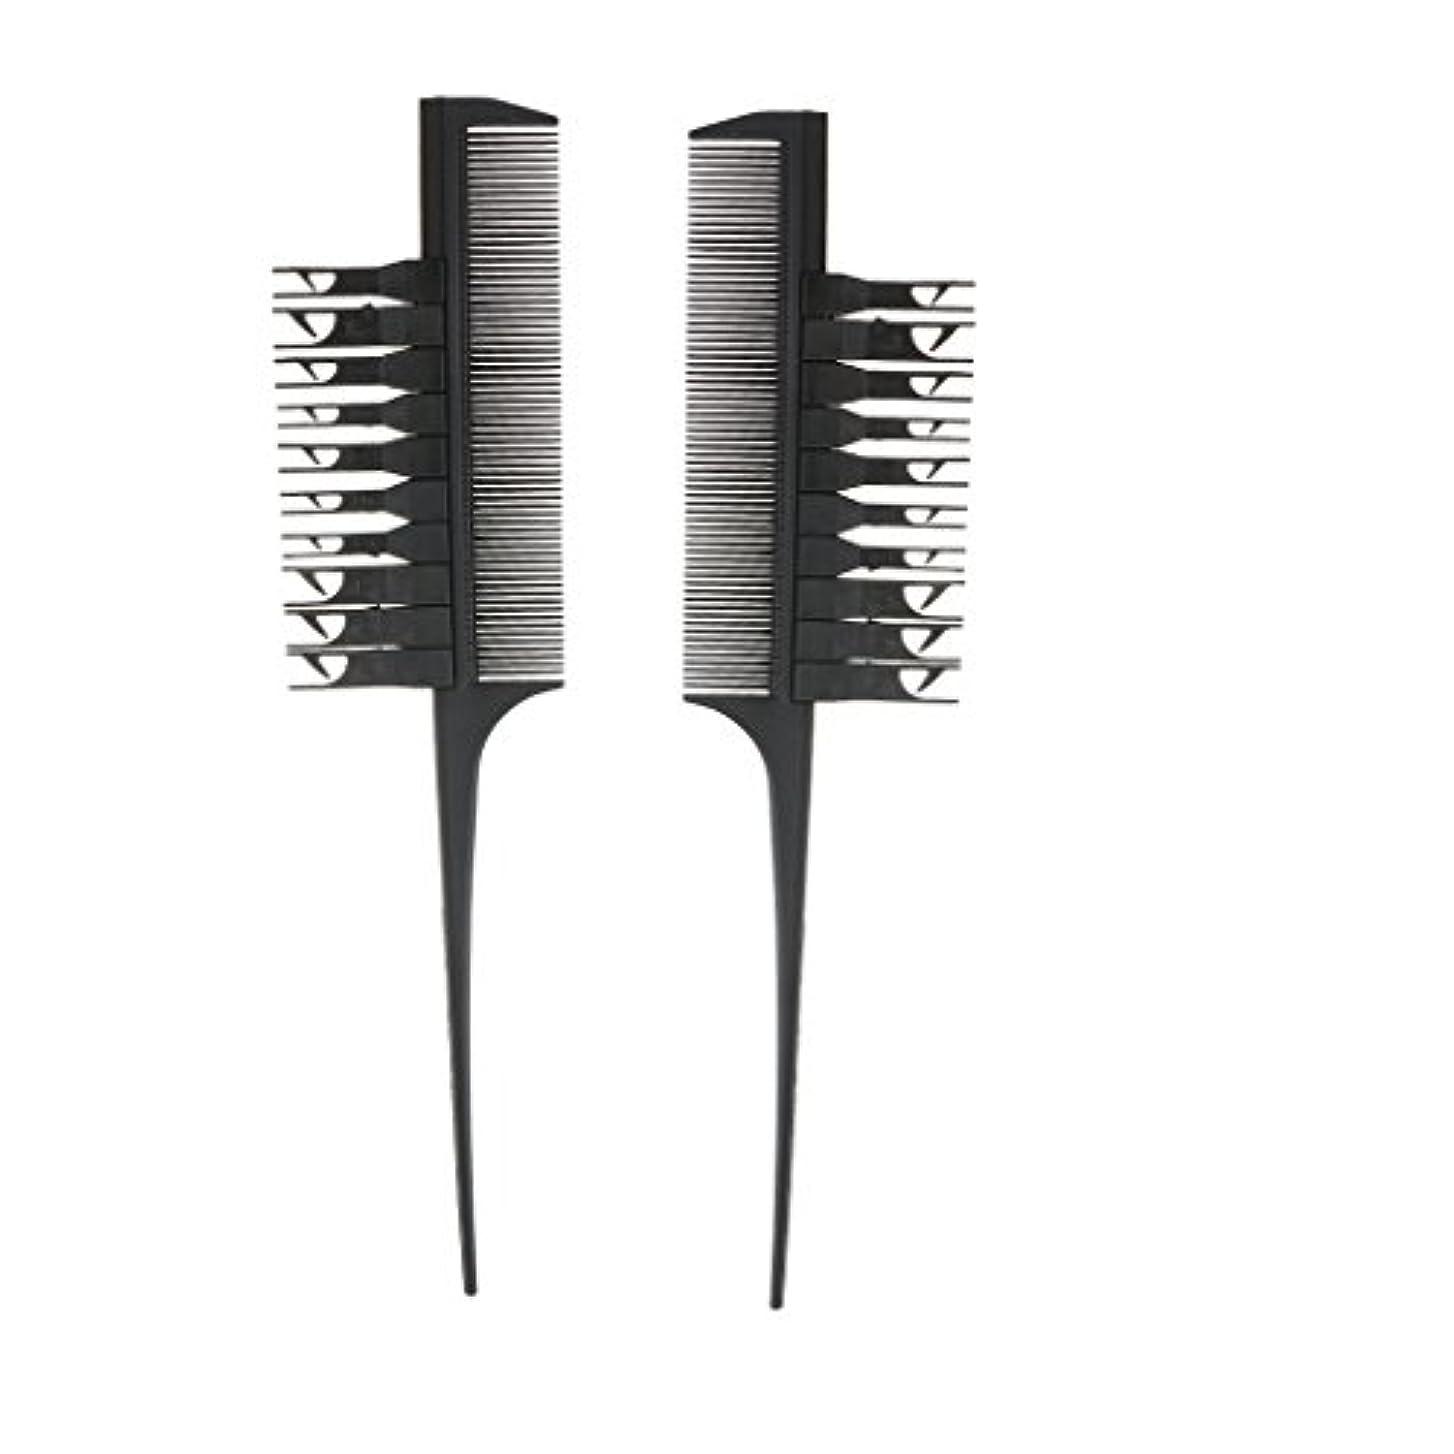 退化する前奏曲ブッシュ2個入り ヘアダイブラシ ヘアカラーリング コーム 櫛 実用的 便利性 (ブラック)